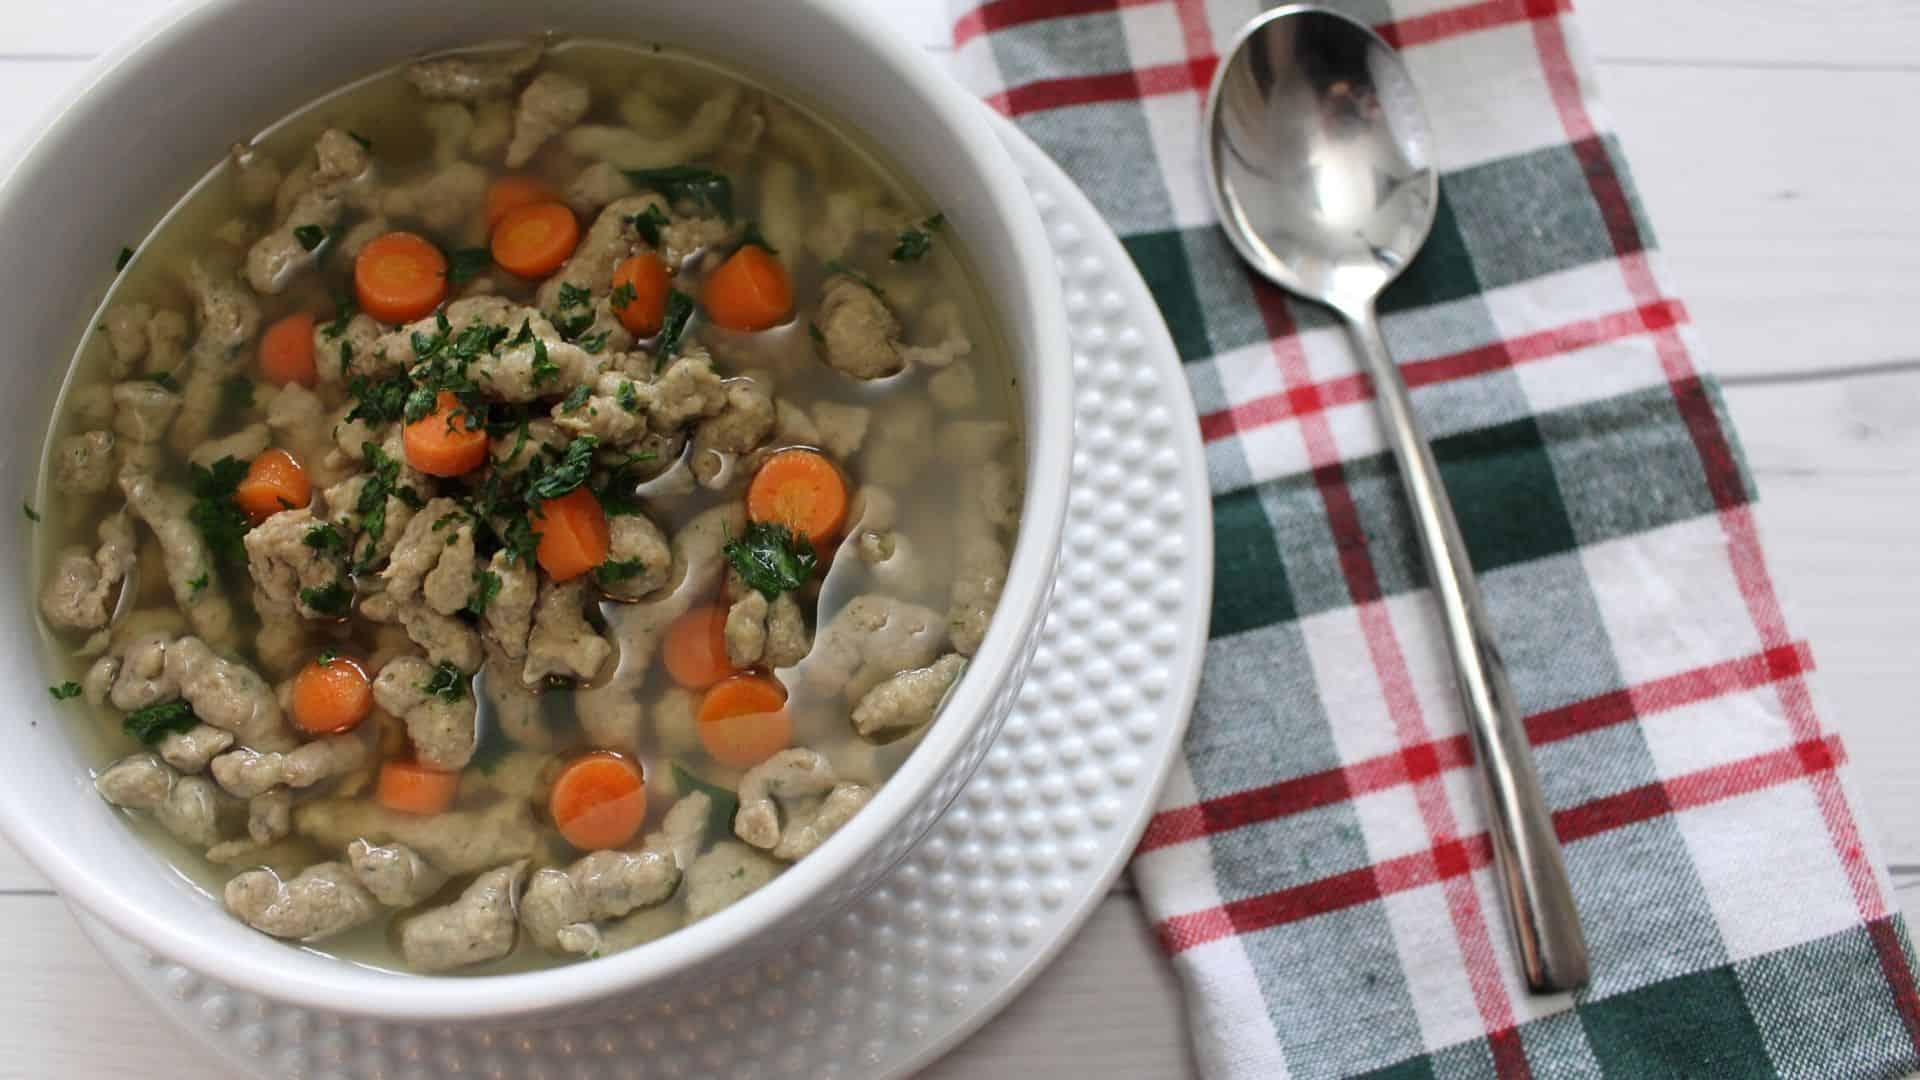 liver spaetzle soup bowl